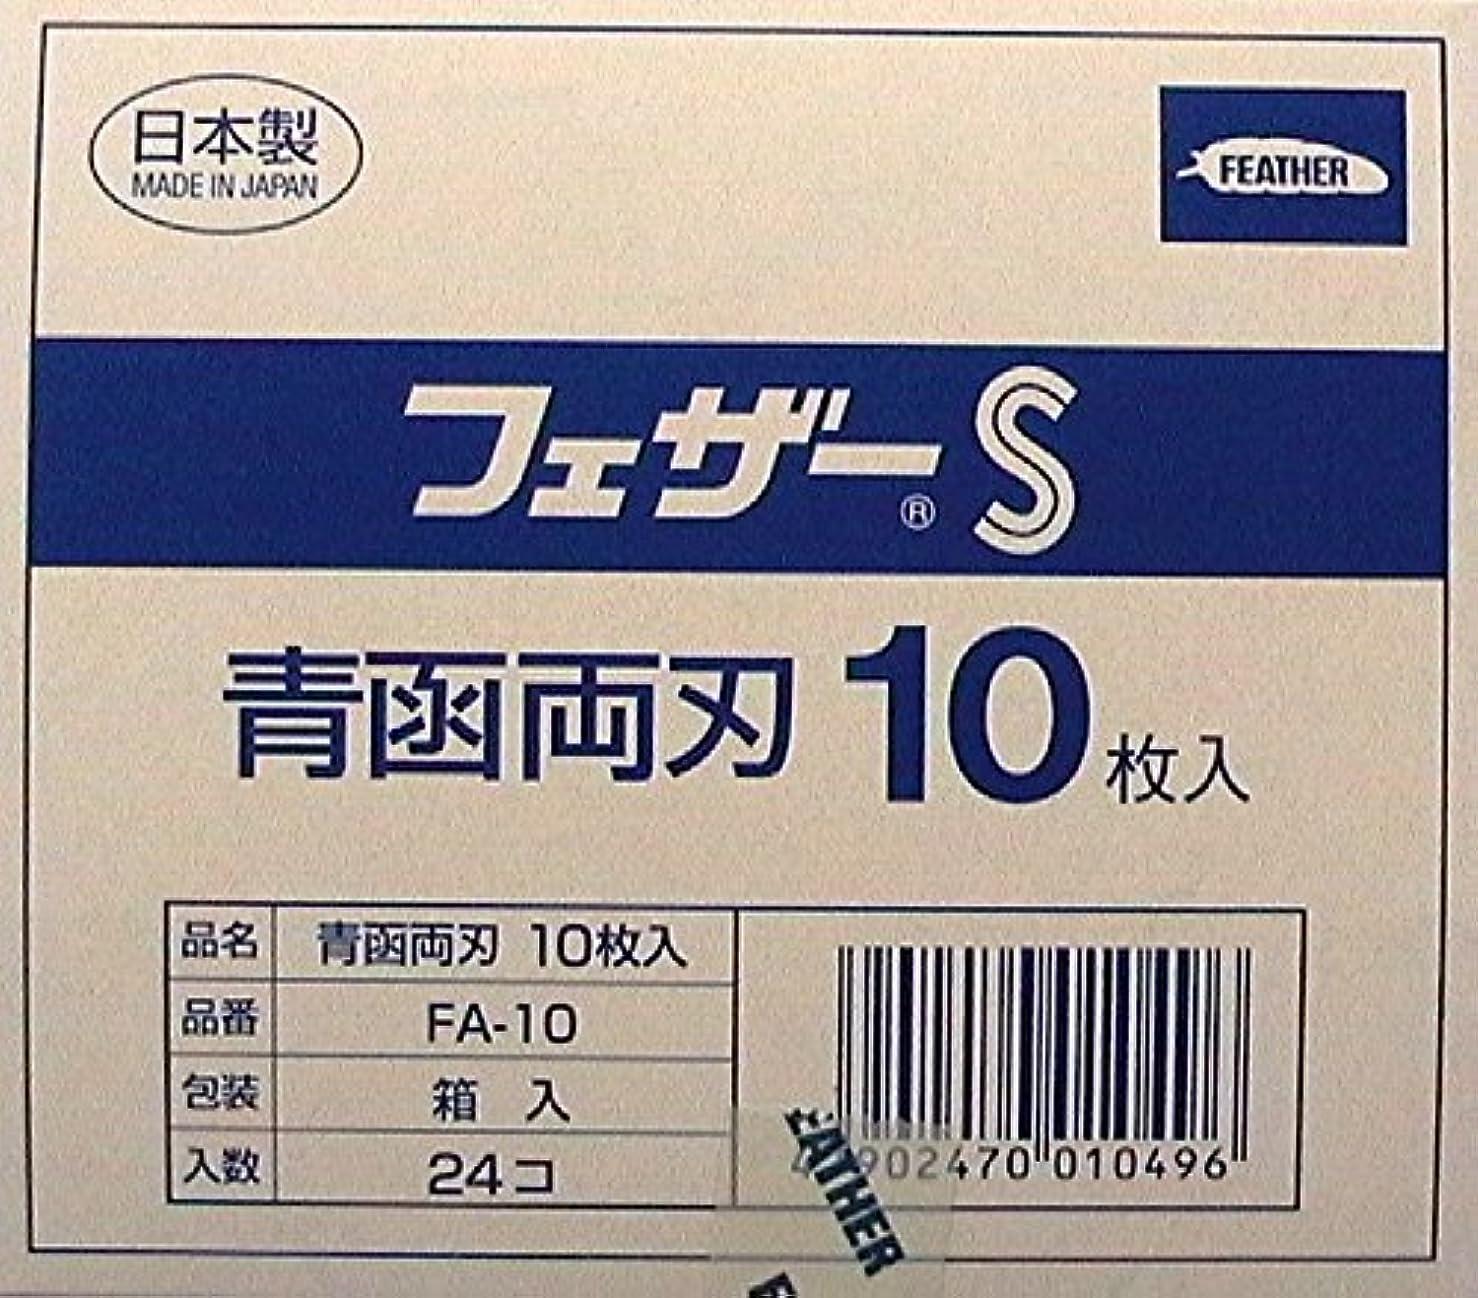 デンプシー浴室スタイルフェザーS 青函両刃FA-10 箱入り 10枚入り×24箱(240枚入り)